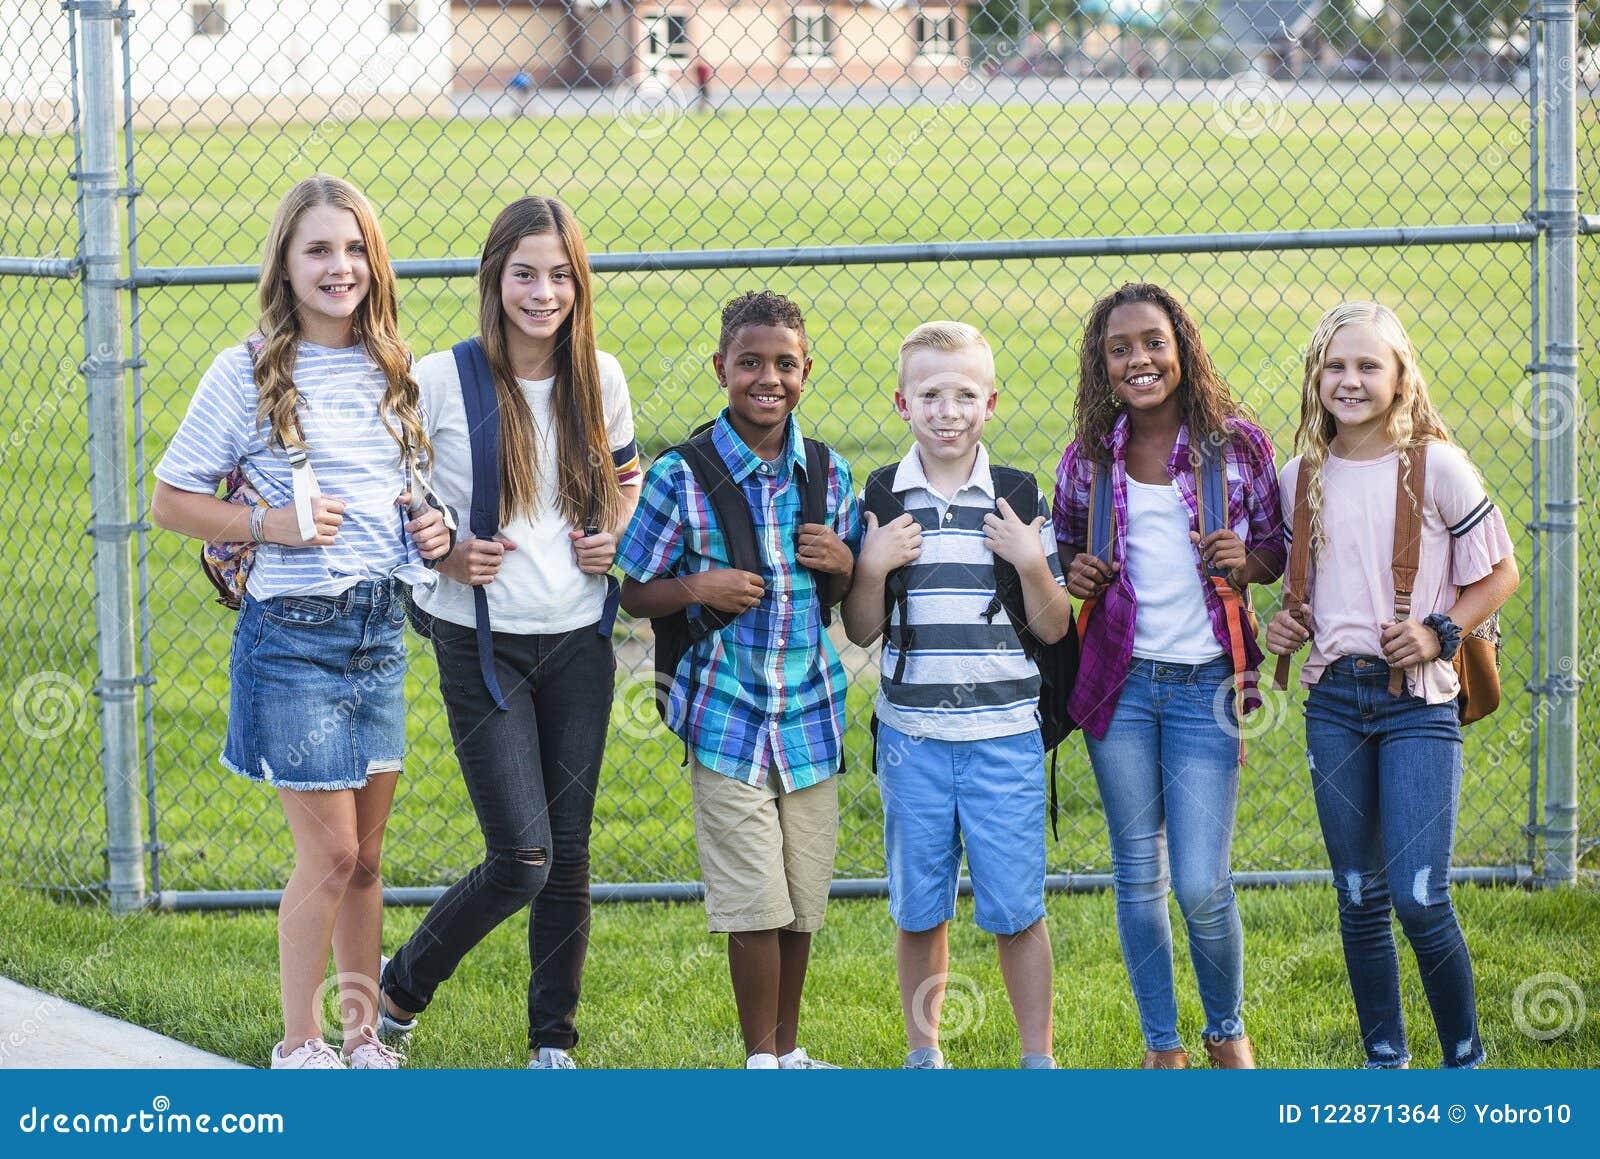 El grupo de escuela embroma la sonrisa mientras que se coloca en un patio de la escuela primaria